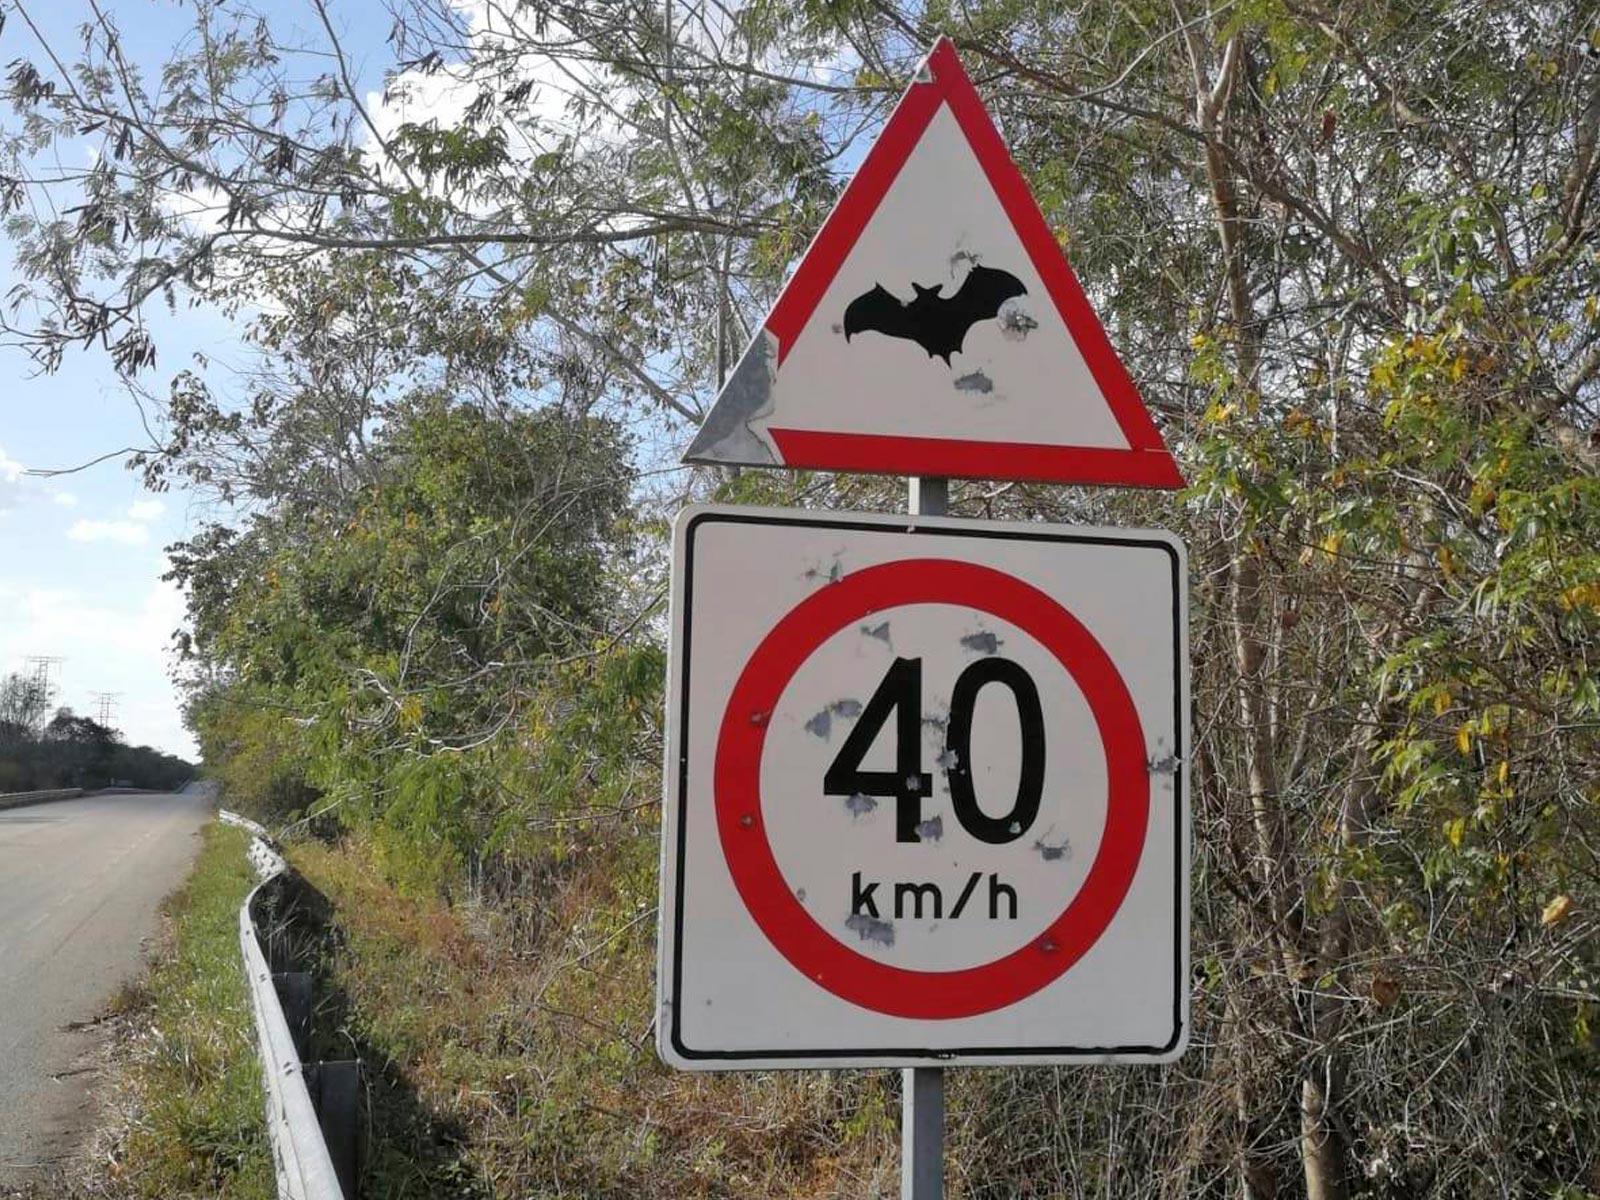 Messico-mexico-calakmul-attenzione-atraversamento-pipistrelli